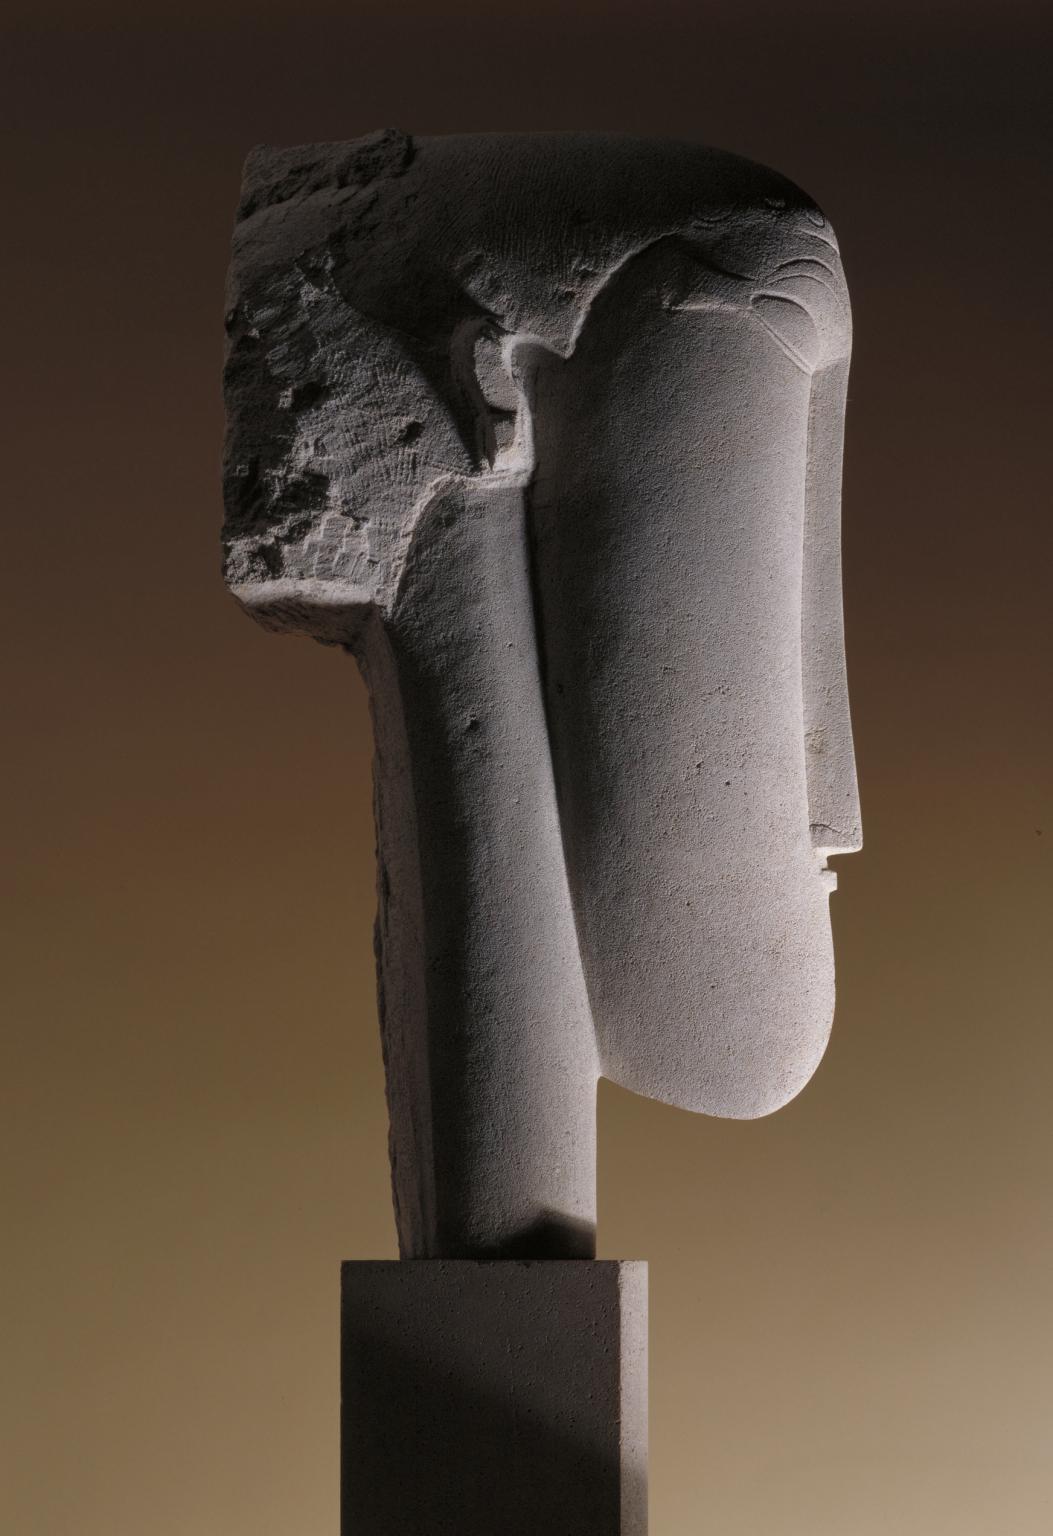 Head c.1911-2 by Amedeo Modigliani 1884-1920